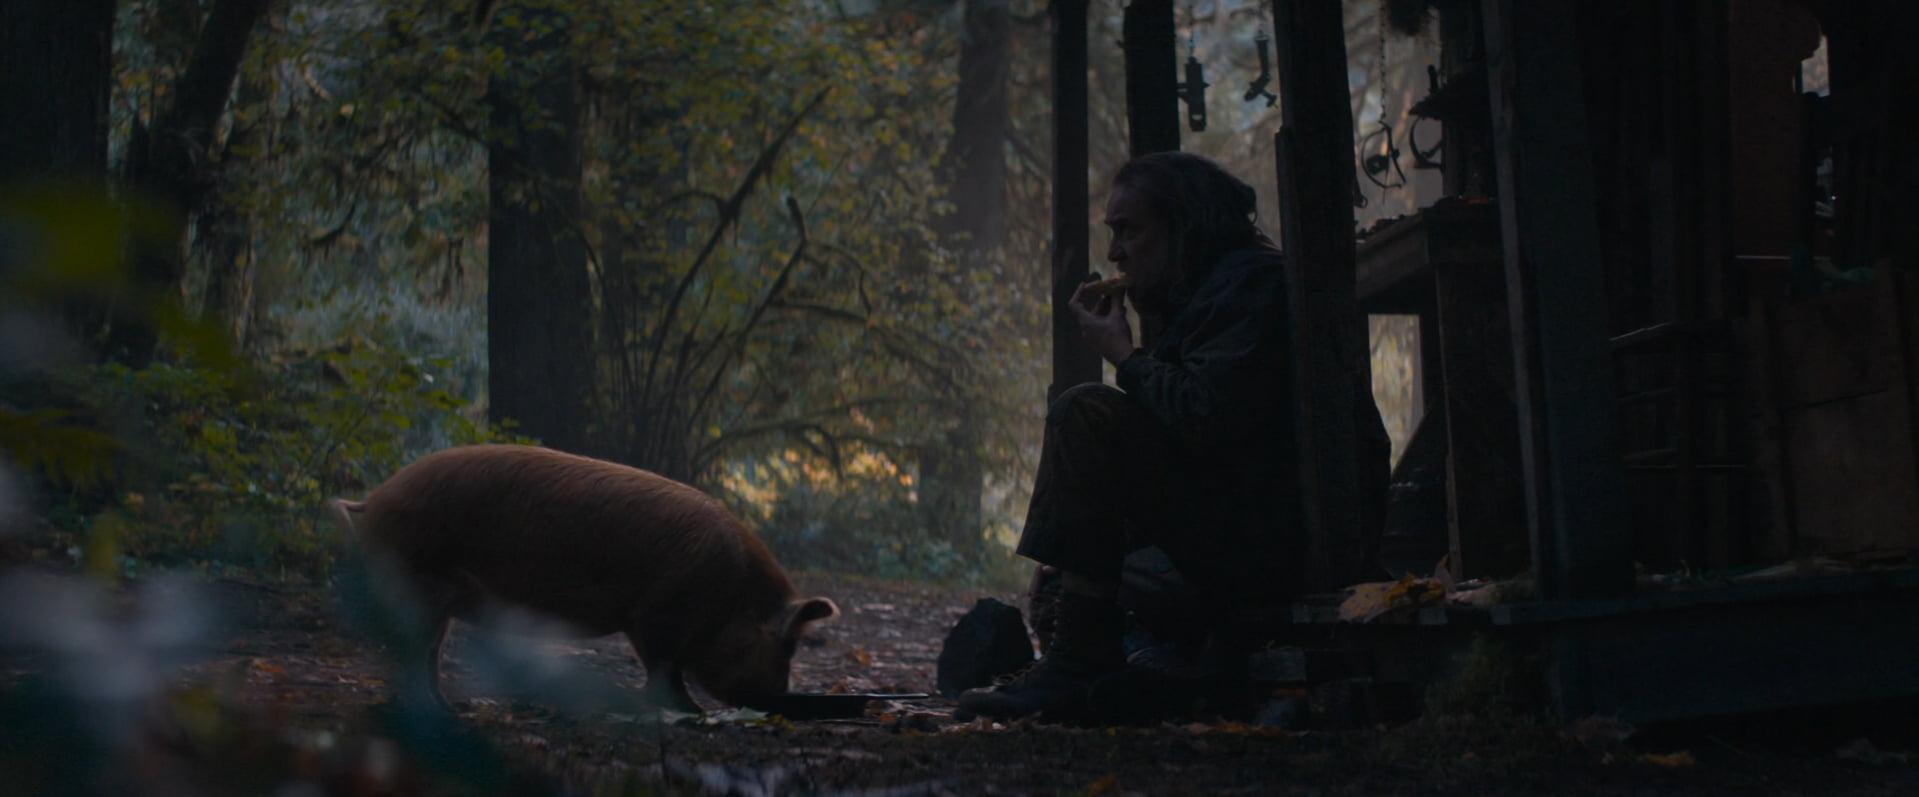 Рецензия на фильм «Свинья». Deaddinos - изображение 1